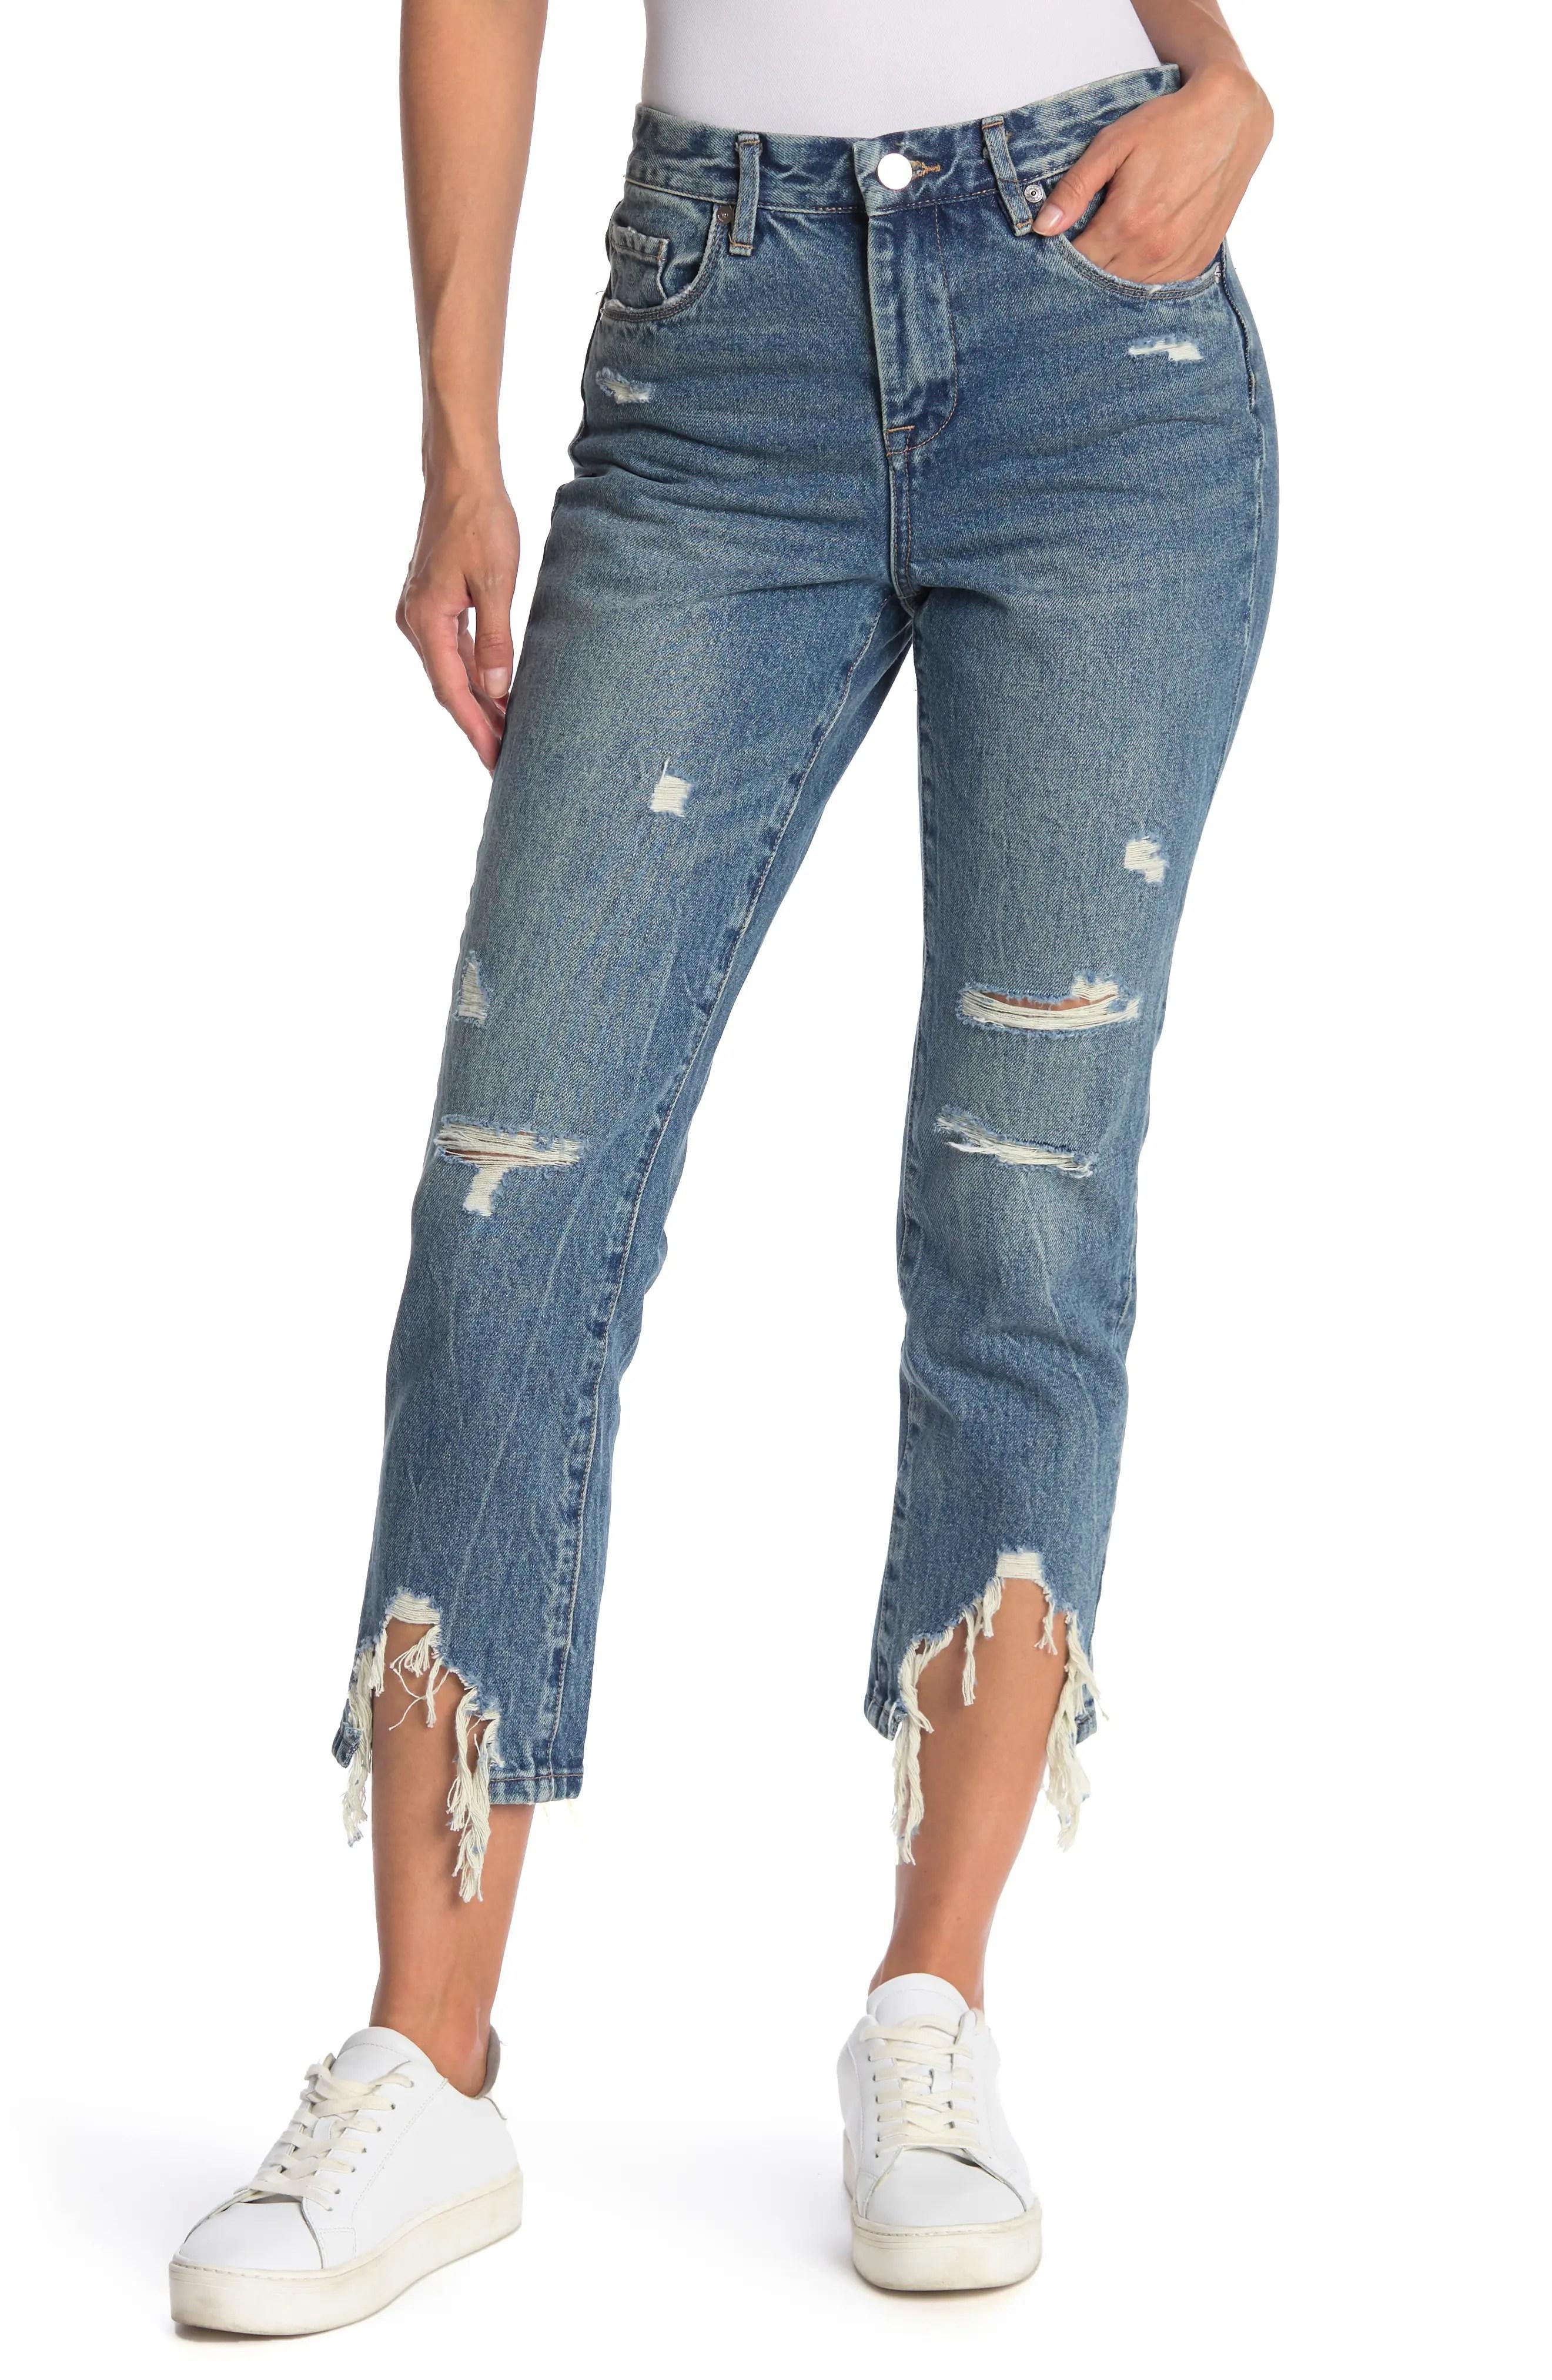 blanknyc denim distressed crop straight leg jeans nordstrom rack